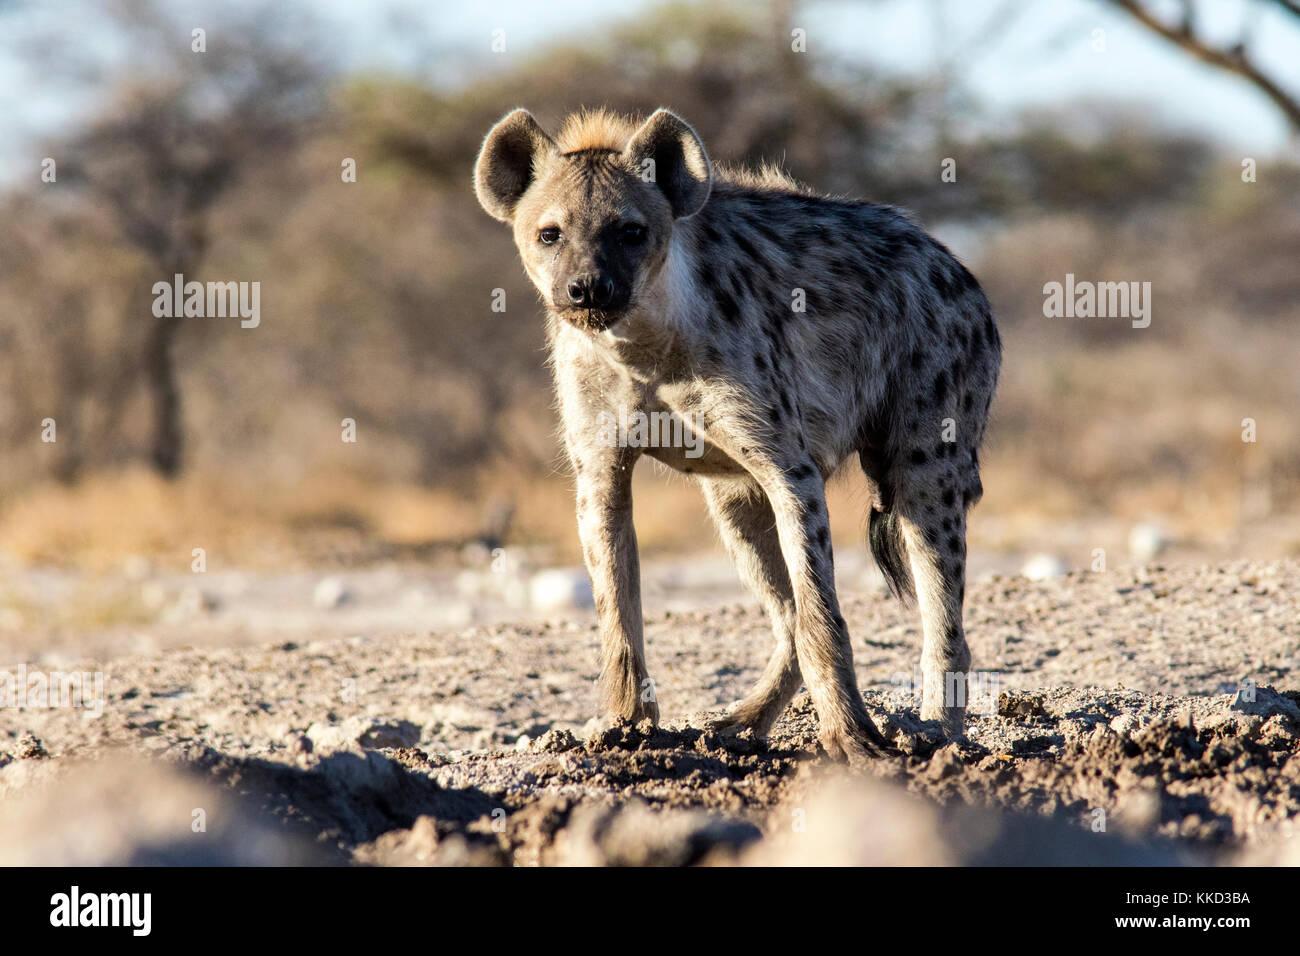 L'Hyène tachetée (Crocuta crocuta) - onkolo cacher, onguma game reserve, la Namibie, l'Afrique Photo Stock